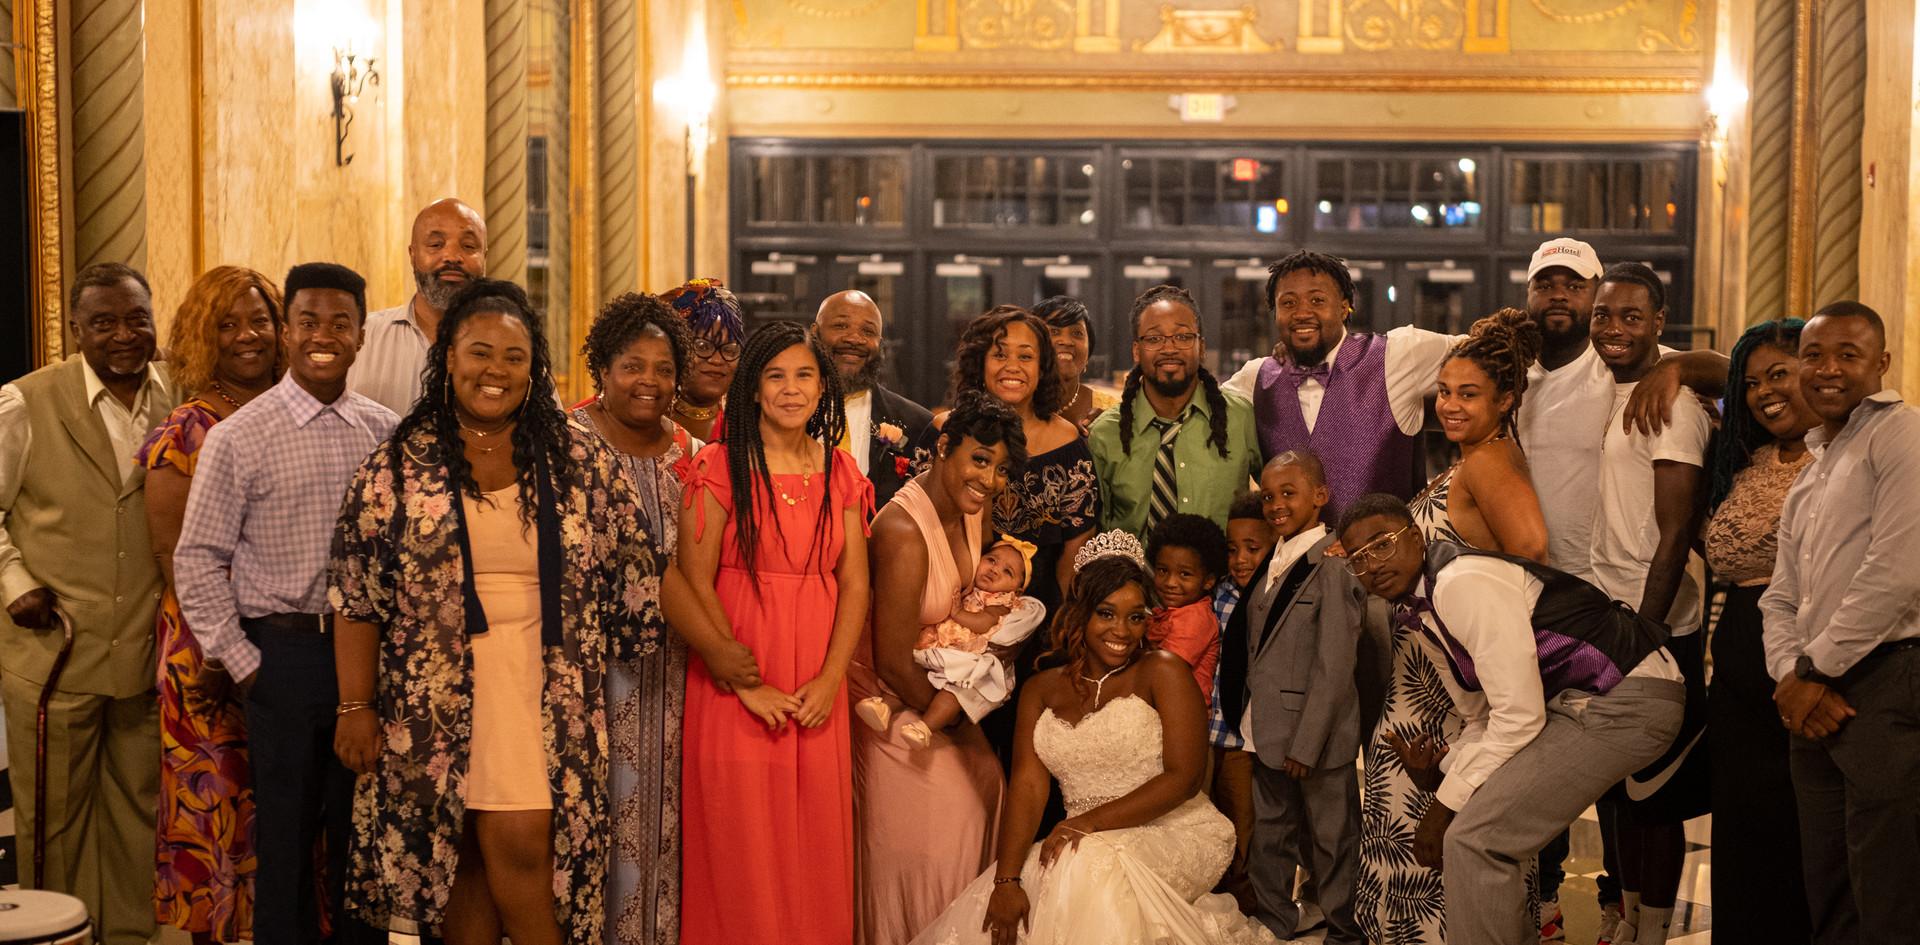 ju-bianca-wedding-507.jpg